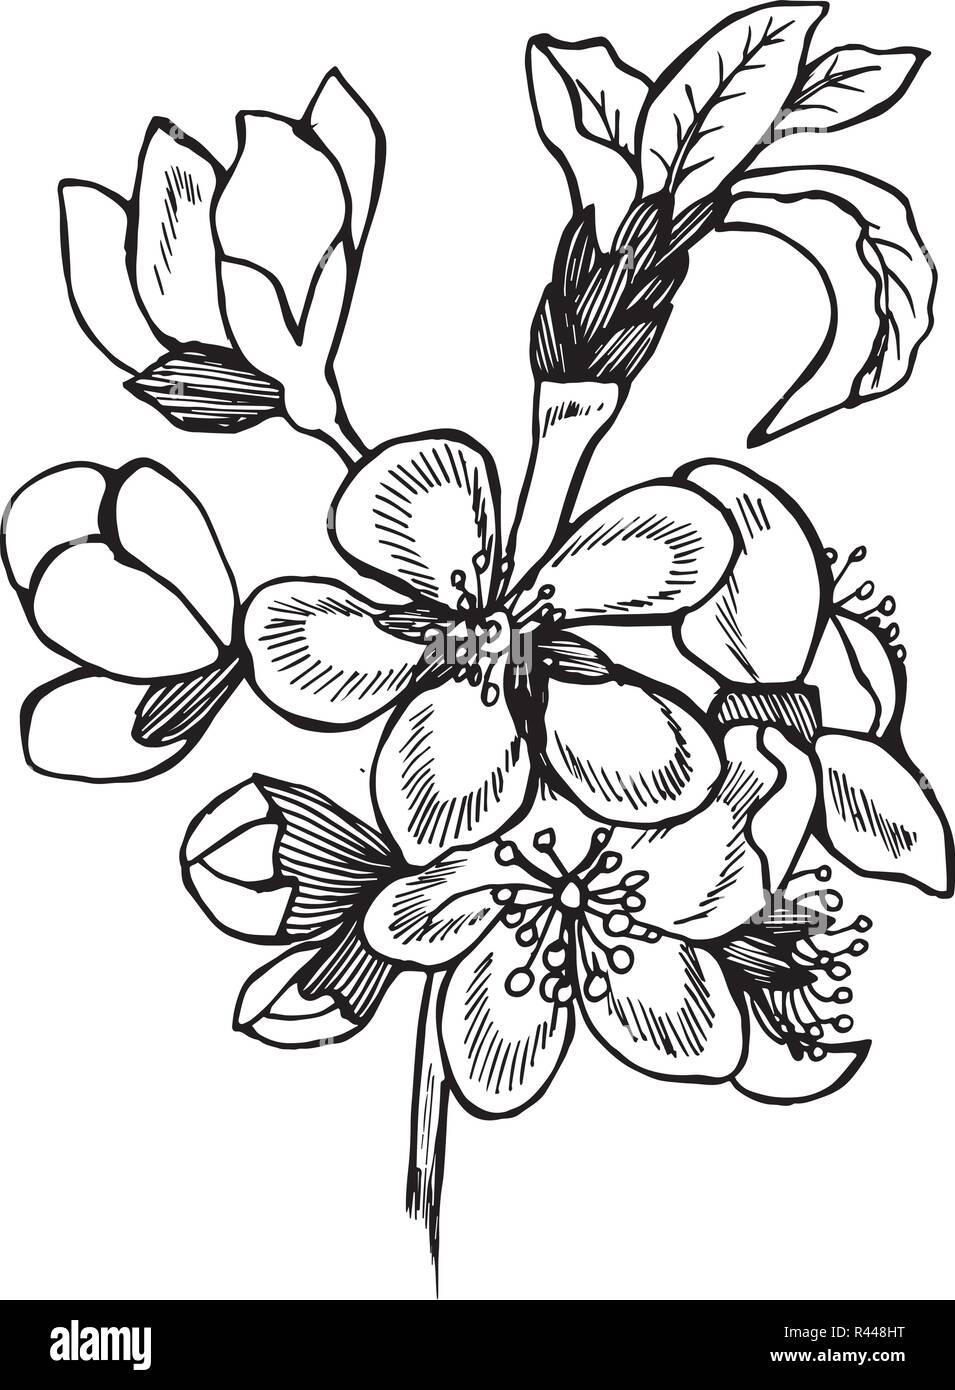 Illustration Noir Et Blanc De Fleurs De Cerisier Idee De Tatouage